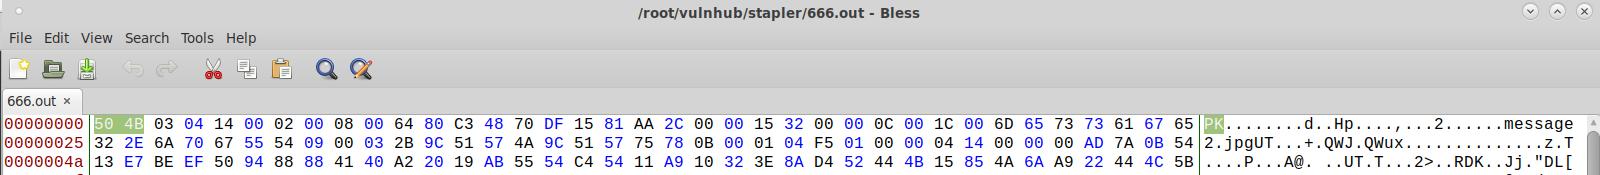 Stapler v1 — NetChameleon com documentation